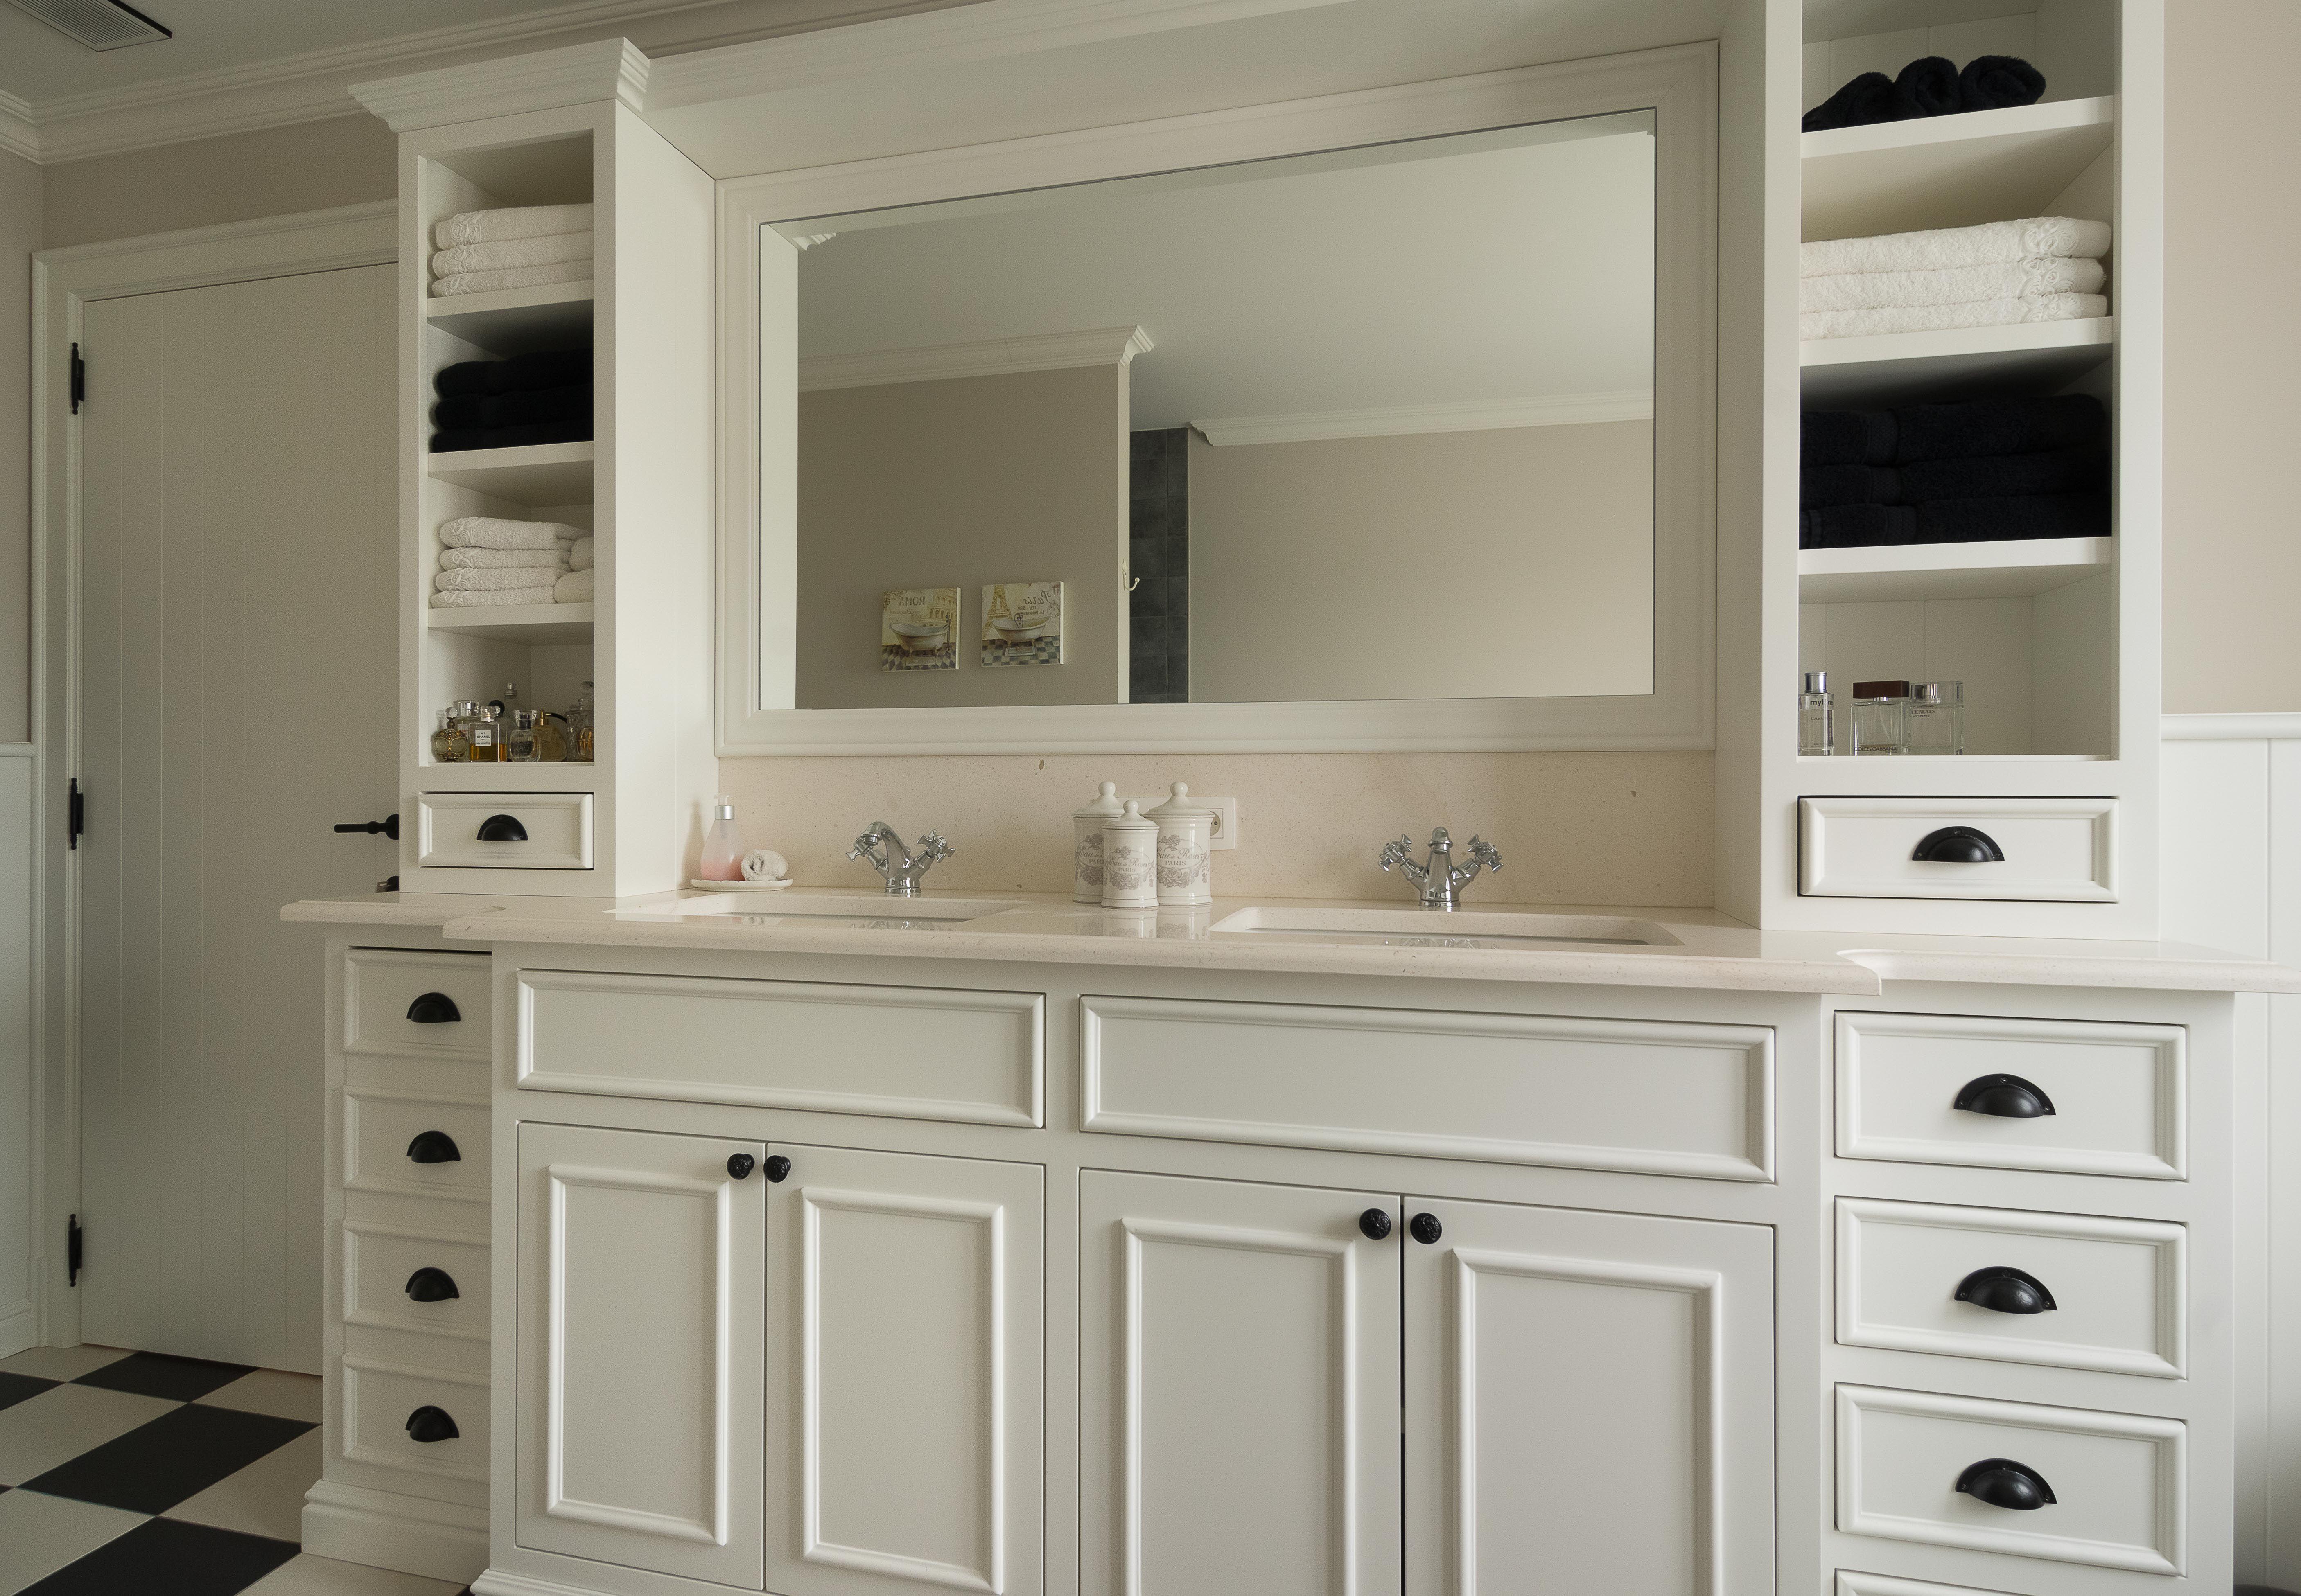 Badkamerkast Landelijke Stijl : Teakhouten meubelen en landelijke tafels kasten dressoirs vitrine